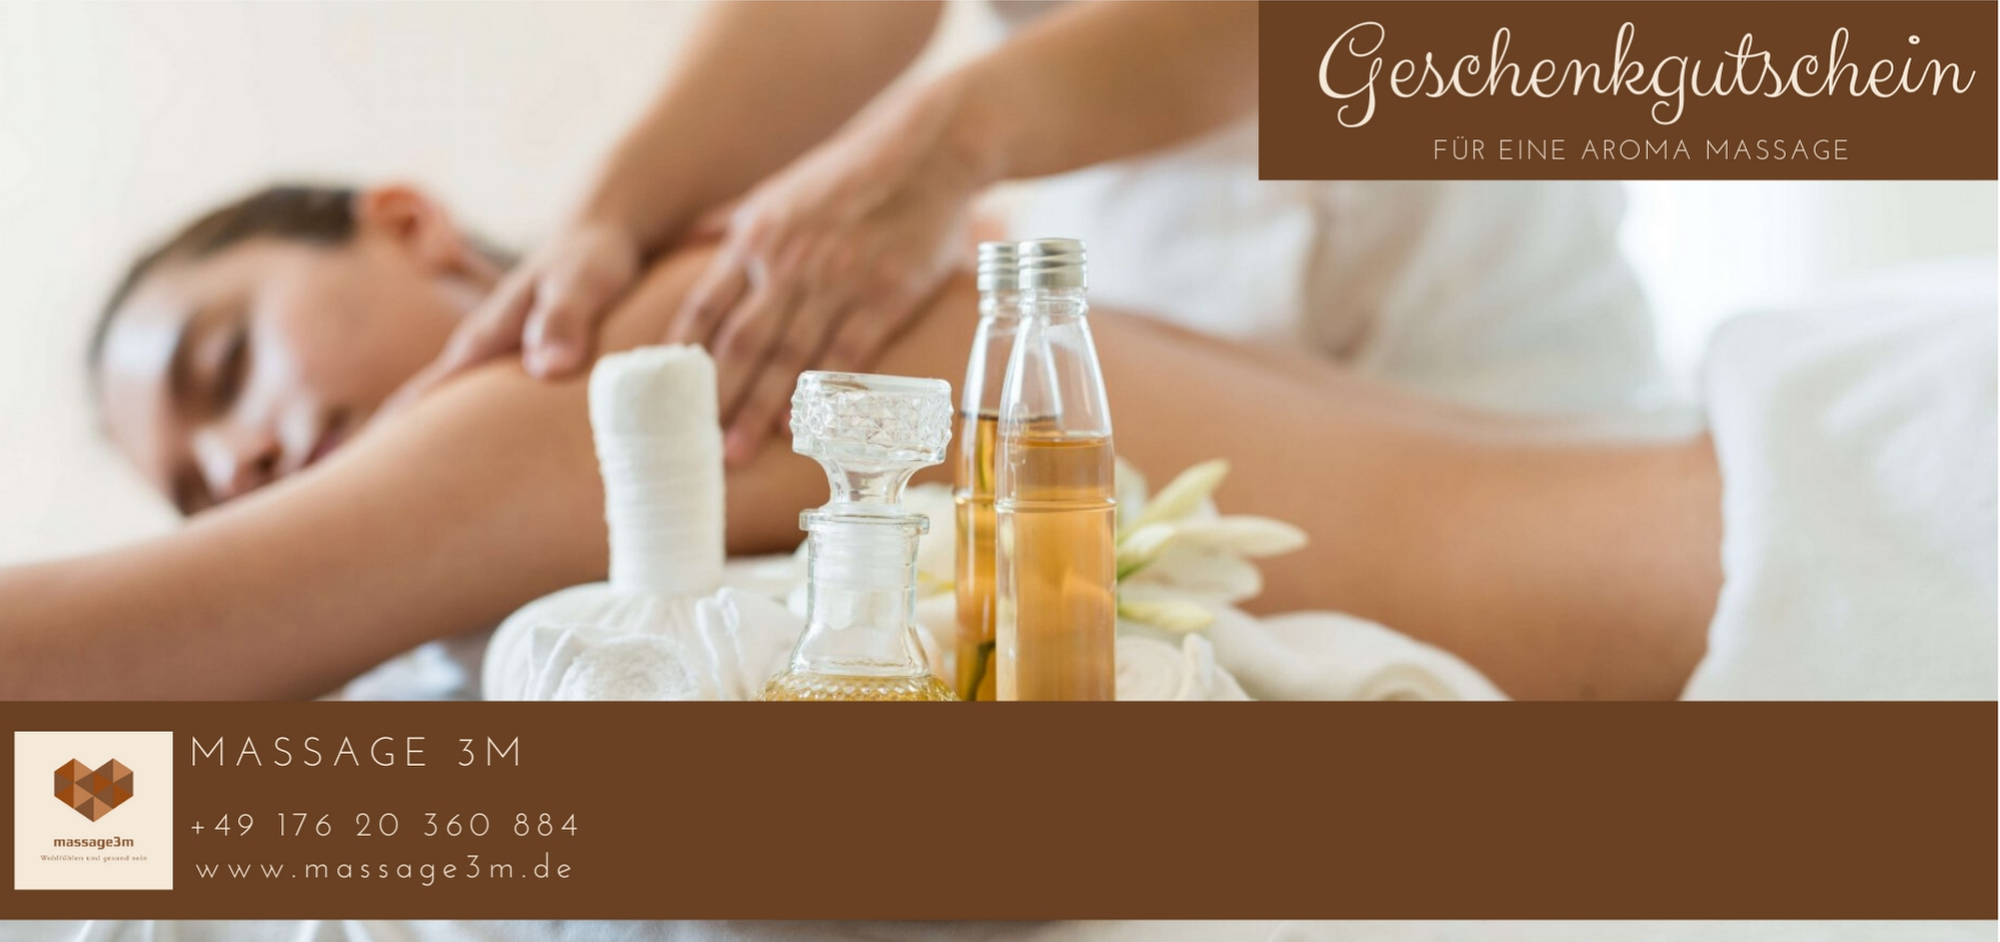 Gutschein Aroma Massage.jpg